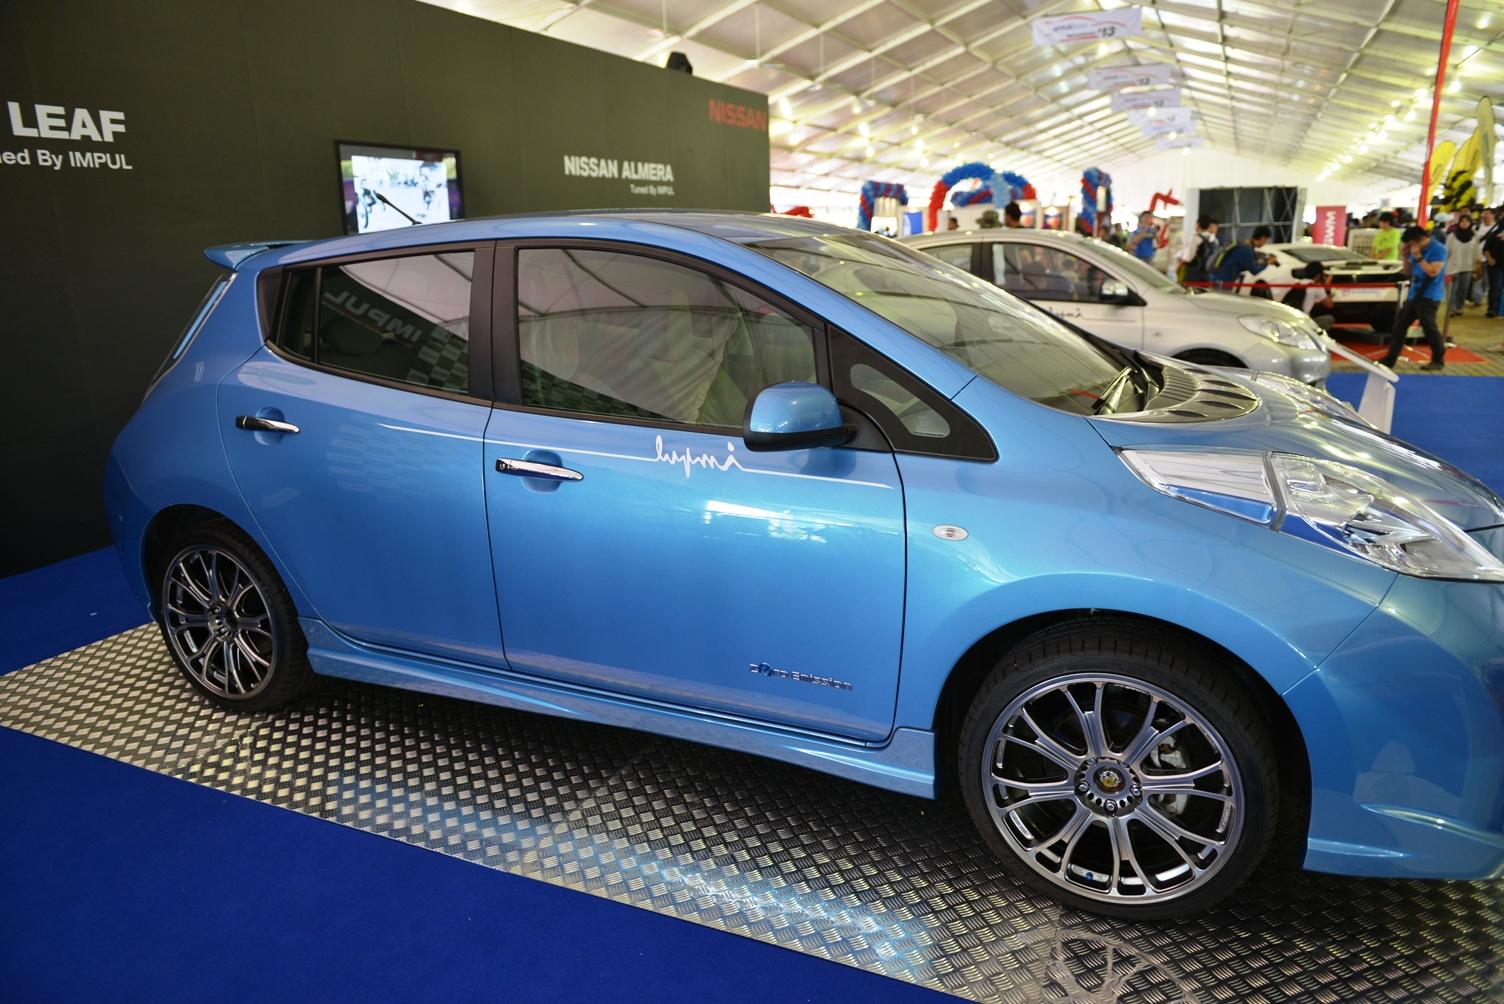 Kia Cerato 2013 Malaysia Price.html | 2017 - 2018 Cars Reviews